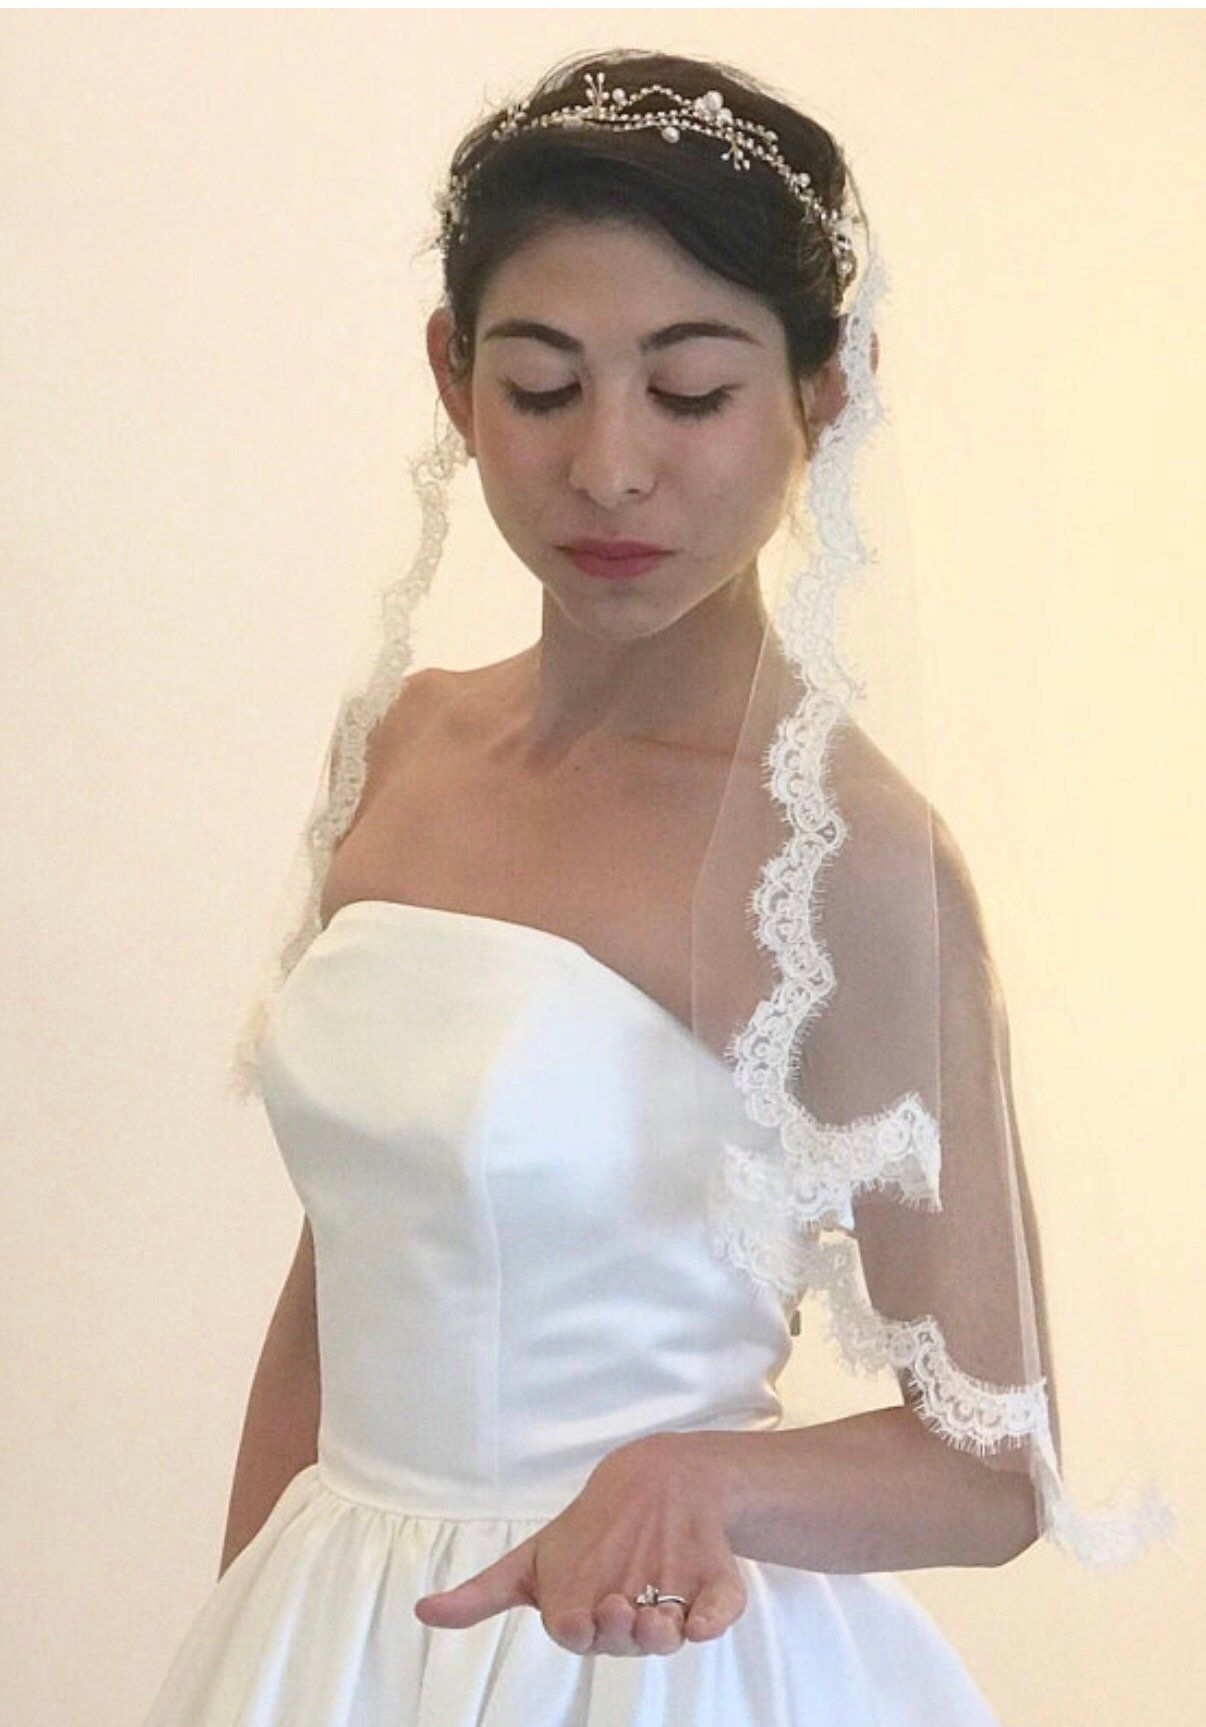 Bridal headpiece gold wreath wedding headpiece bridal